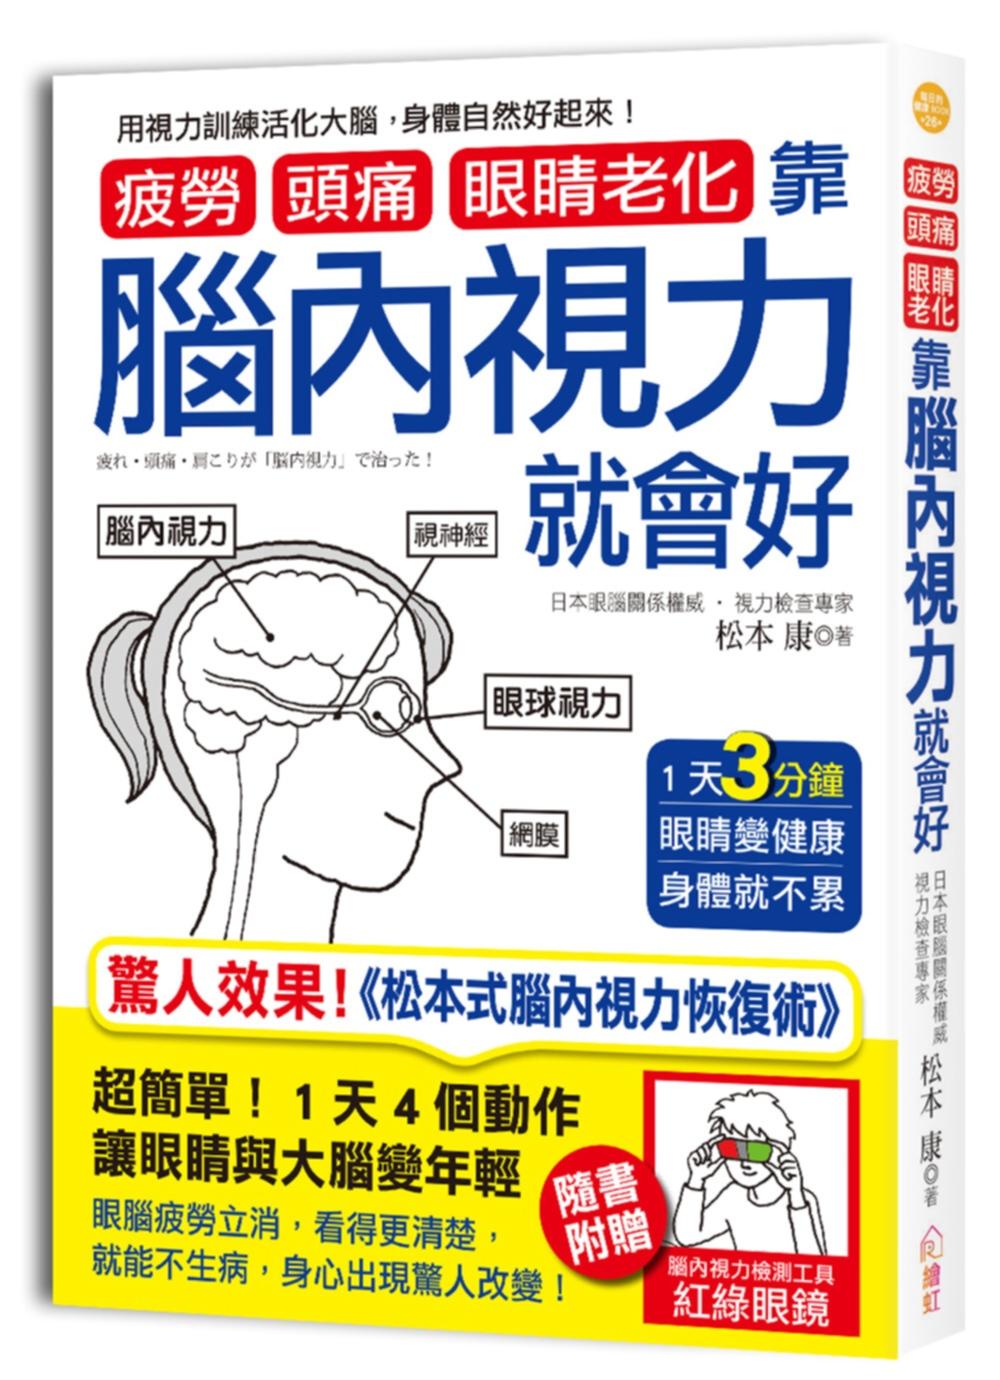 疲勞、頭痛、眼睛老化靠腦內視力就會好:1天3分鐘,眼睛變健康,身體就不累!(隨書附贈「紅綠眼鏡」,立即檢測你的腦內視力!)